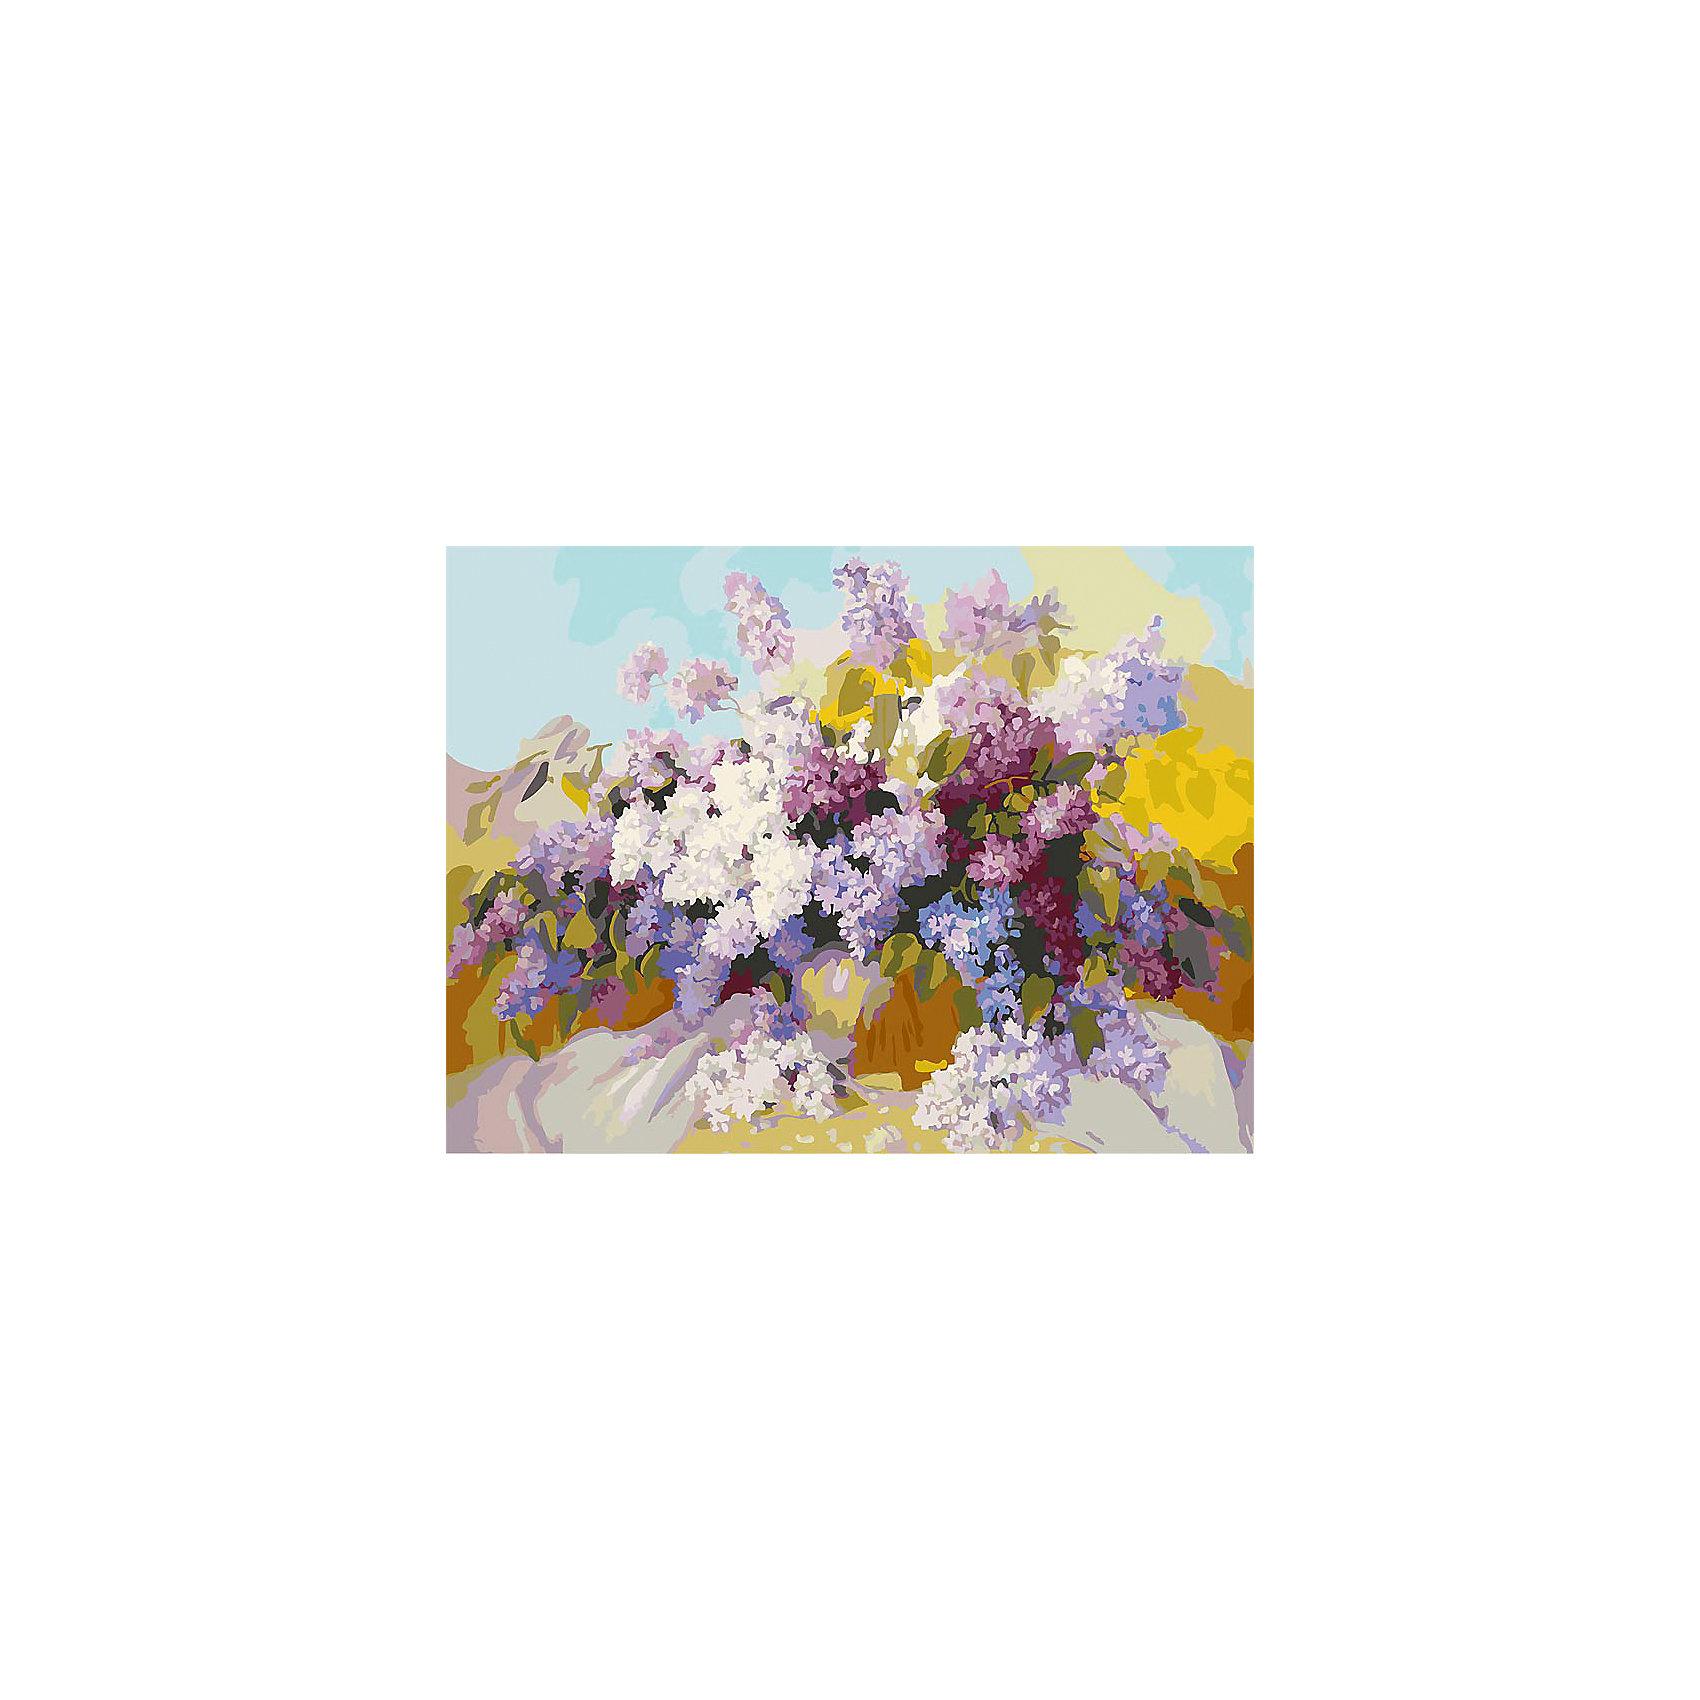 Живопись на холсте Сирень 30*40 смРисование<br>Характеристики товара:<br><br>• цвет: разноцветный<br>• материал: акрил, картон<br>• размер: 30 x 40 см<br>• комплектация: полотно на подрамнике с контурами рисунка, пробный лист с рисунком, набор акриловых красок, три кисти, крепление на стену для картины<br>• для детей от шести лет и взрослых<br>• не требует специальных навыков<br>• страна бренда: Китай<br>• страна изготовитель: Китай<br><br><br>Такой набор станет отличным подарком и для взрослого, и для ребенка! Рисование помогает развить различные навыки и просто приносит удовольствие! Чтобы вселить в ребенка уверенность в своих силах, можно предложить ему этот набор - в нем уже есть сюжет, контуры рисунка и участки с номерами, которые обозначают определенную краску из набора. Все оттенки уже готовы, задача художника - аккуратно, с помощью кисточек из набора, нанести краски на определенный участок полотна.<br>Взрослым также понравится этот процесс, рисовать можно и вместе с малышом! В итоге получается красивая картина, которой можно украсить интерьер. Рисование способствует развитию мелкой моторики, воображения, цветовосприятия, творческих способностей и усидчивости. Набор отлично проработан, сделан из качественных и проверенных материалов, которые безопасны для детей. Краски - акриловые, они быстро сохнут и легко смываются с кожи.<br><br>Живопись на холсте 30*40 см Сирень от торговой марки Белоснежка можно купить в нашем интернет-магазине.<br><br>Ширина мм: 410<br>Глубина мм: 310<br>Высота мм: 25<br>Вес г: 567<br>Возраст от месяцев: 72<br>Возраст до месяцев: 144<br>Пол: Унисекс<br>Возраст: Детский<br>SKU: 5089632